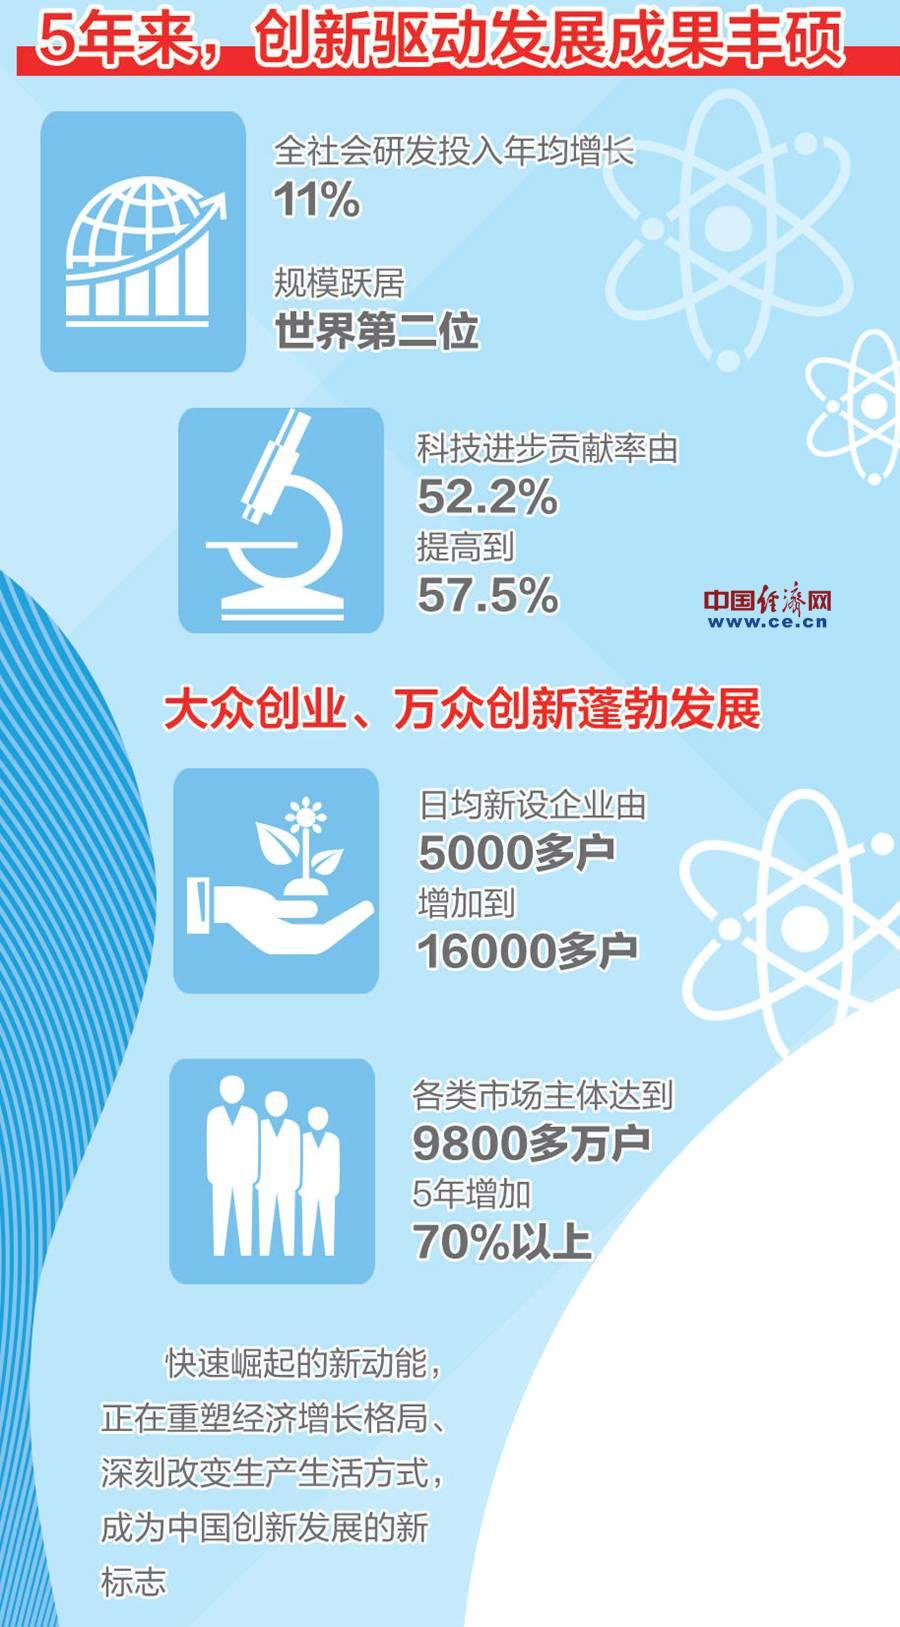 98098彩票网手机版:代表委员热议创新驱动发展:创新让新动能茁壮成长